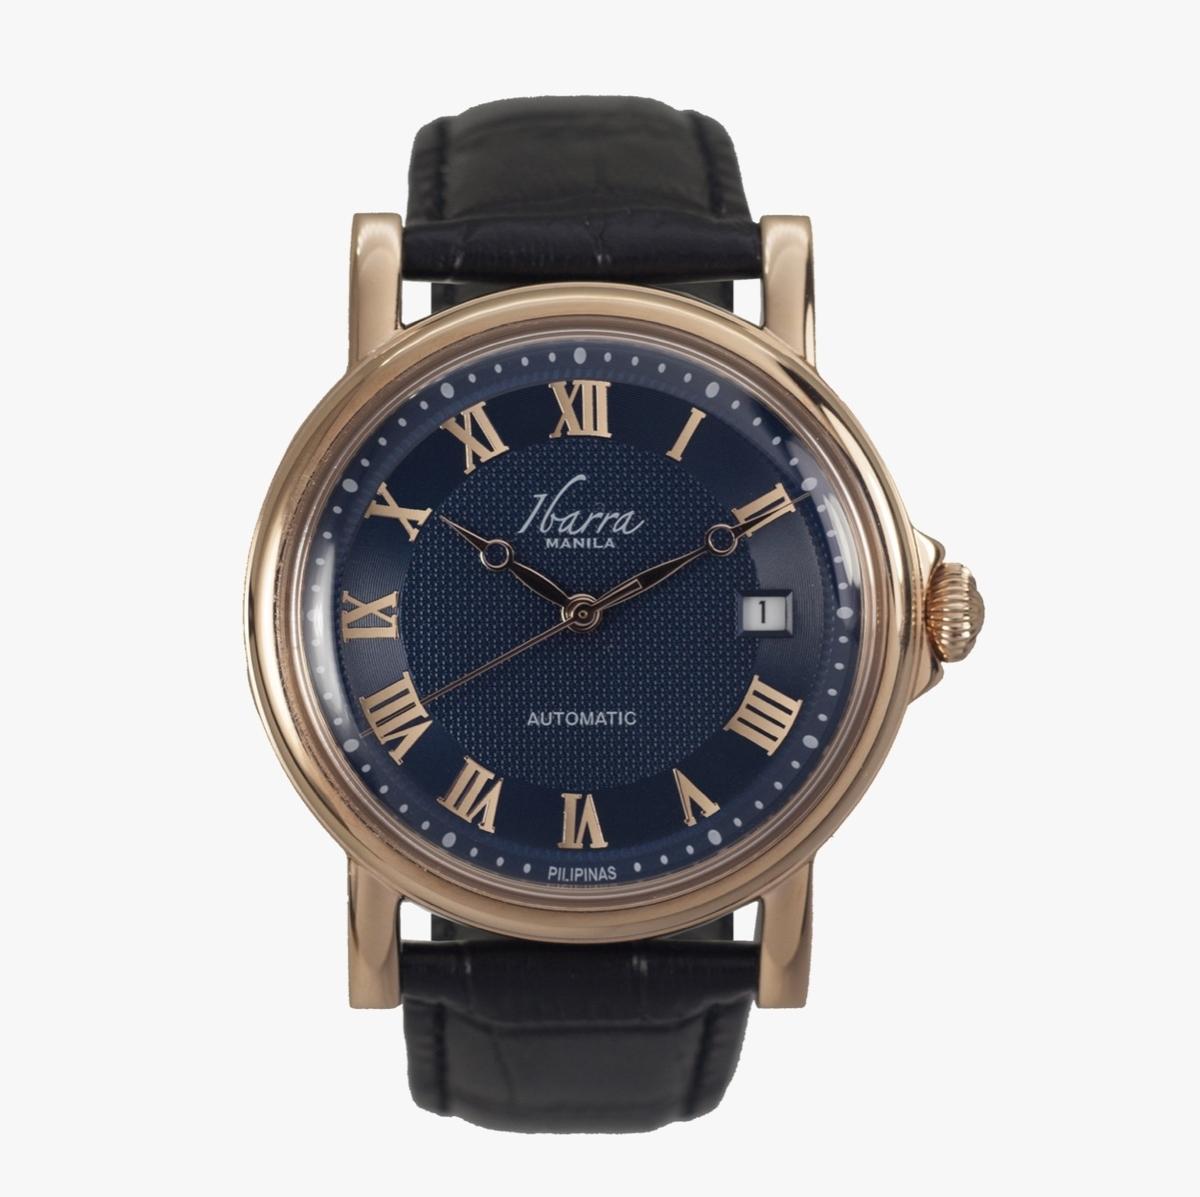 イバラ・マニアの時計の商品紹介画像2枚目